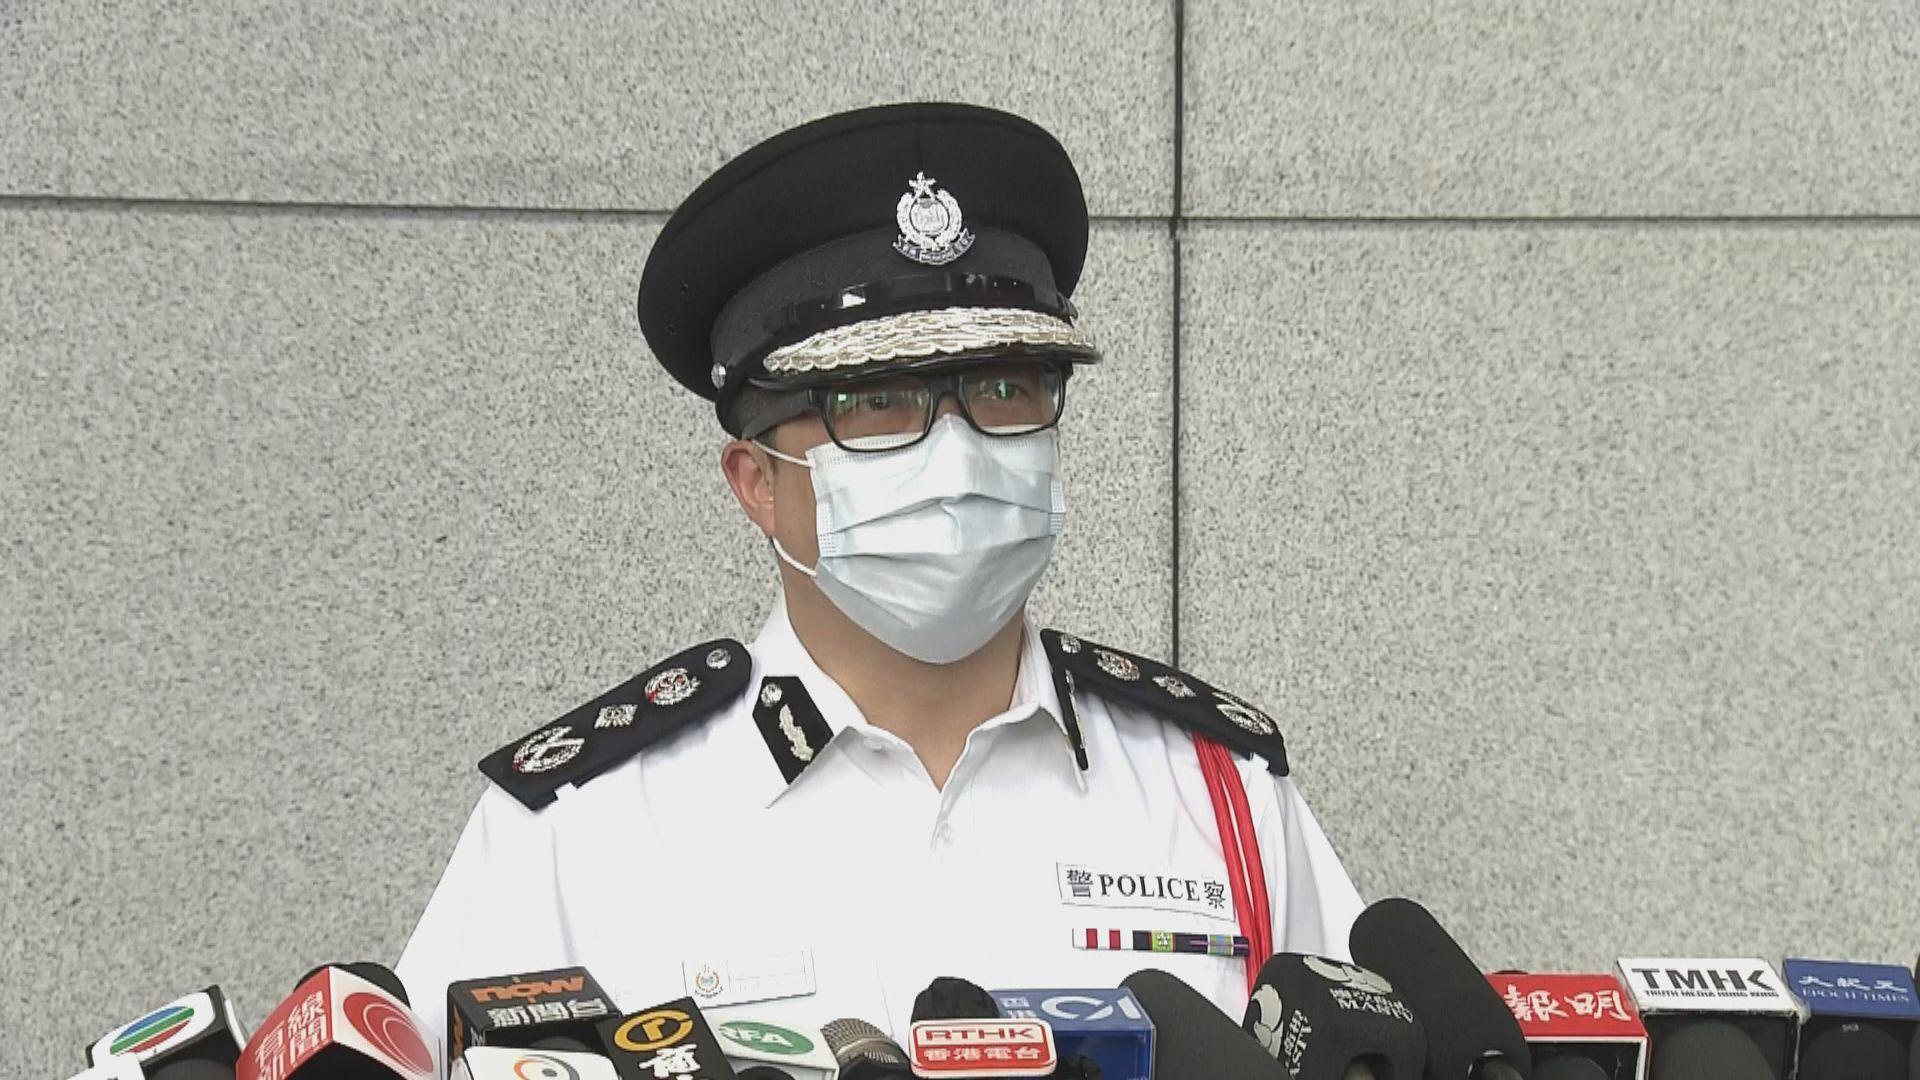 鄧炳強:正調查蔡展鵬涉不當行為 至今無收到辭職申請